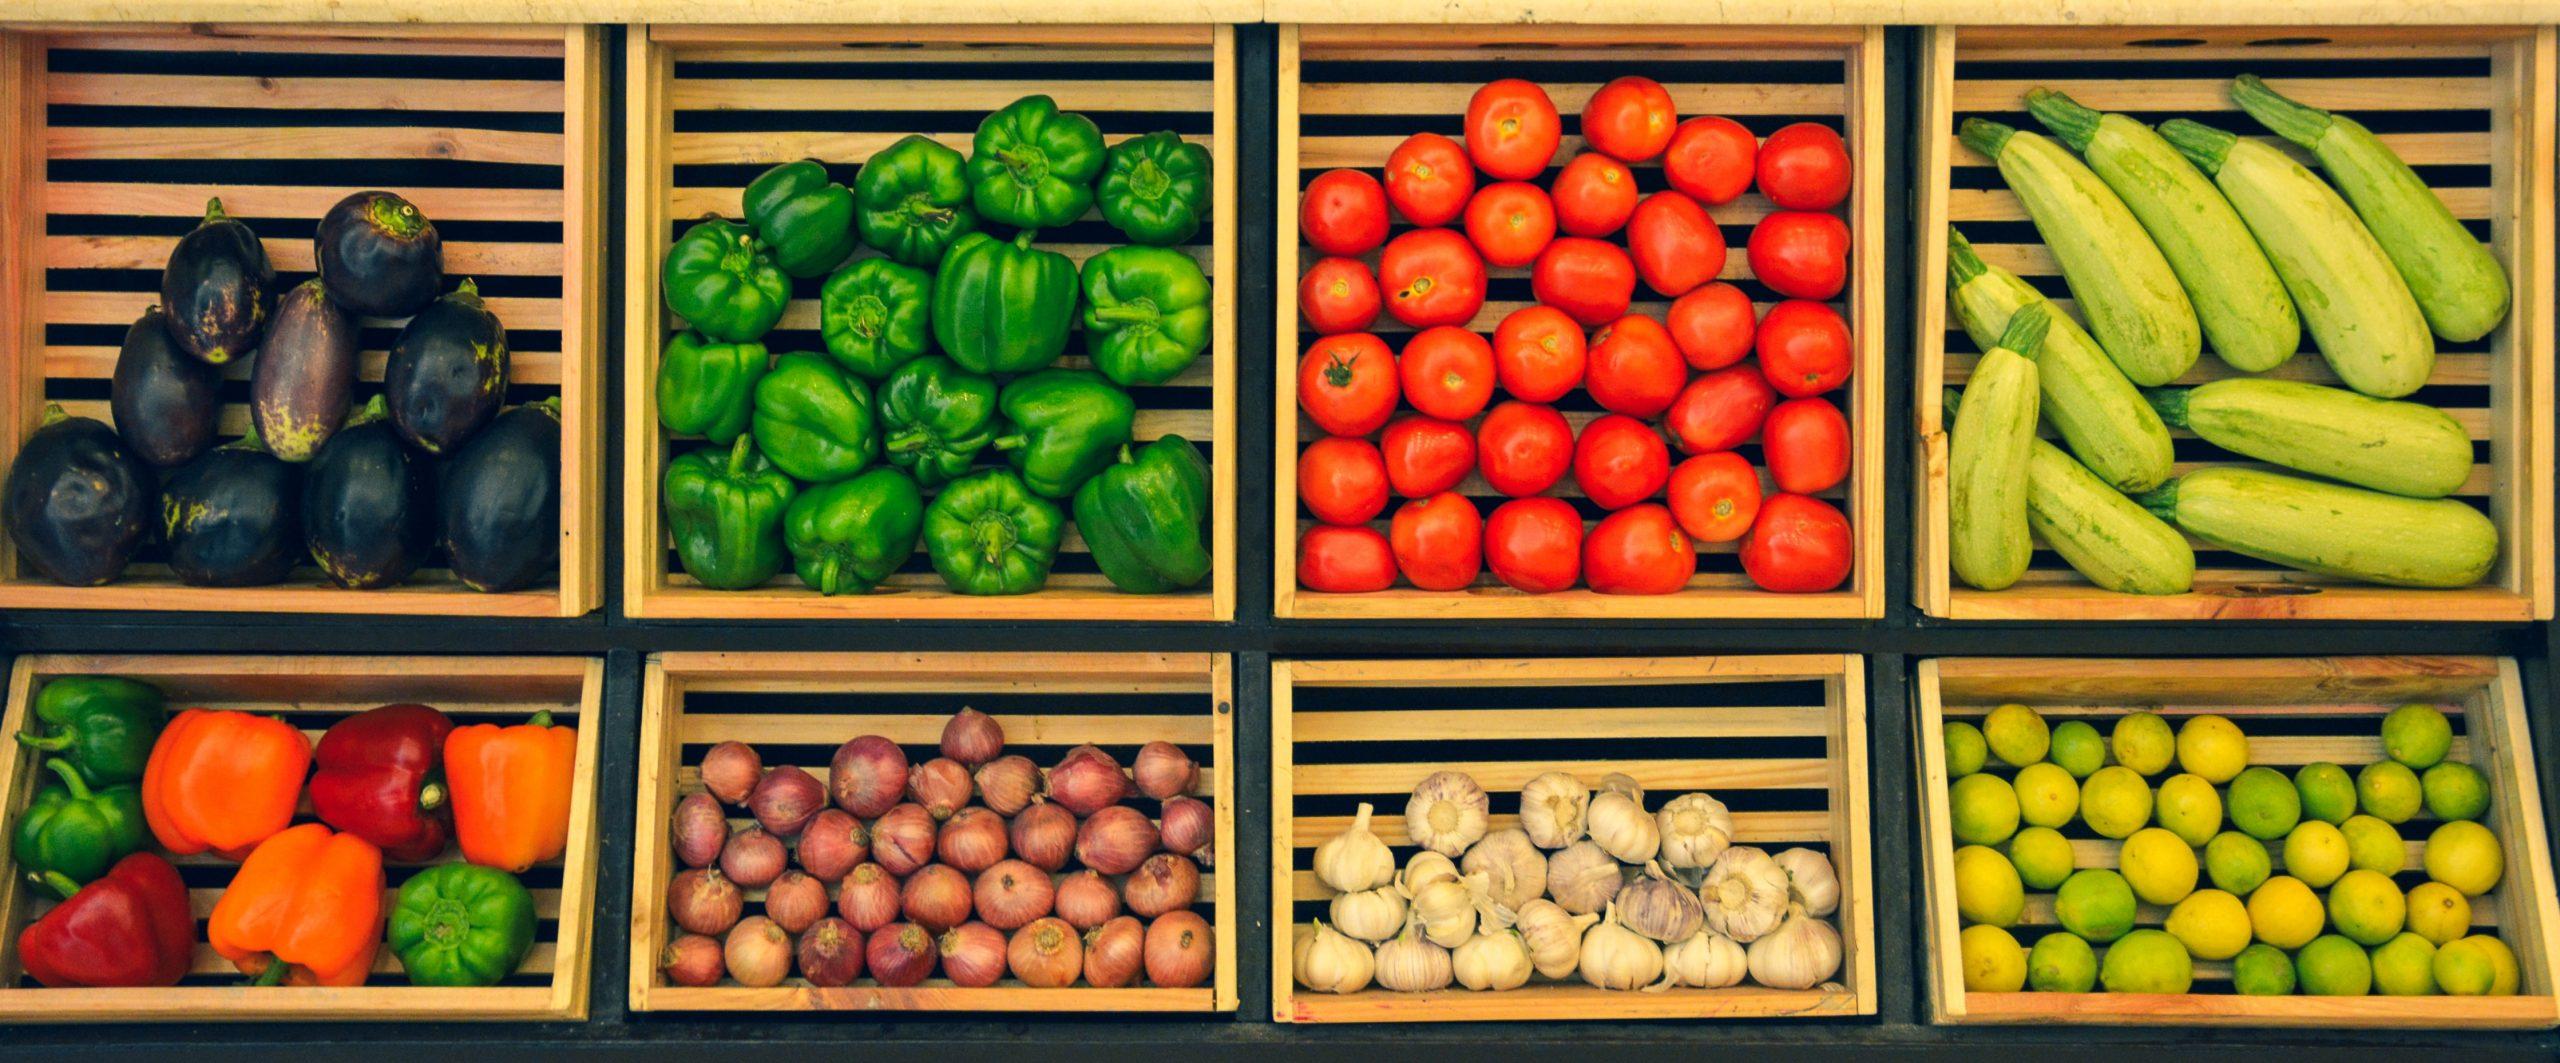 Fresh vegetables on shelving.